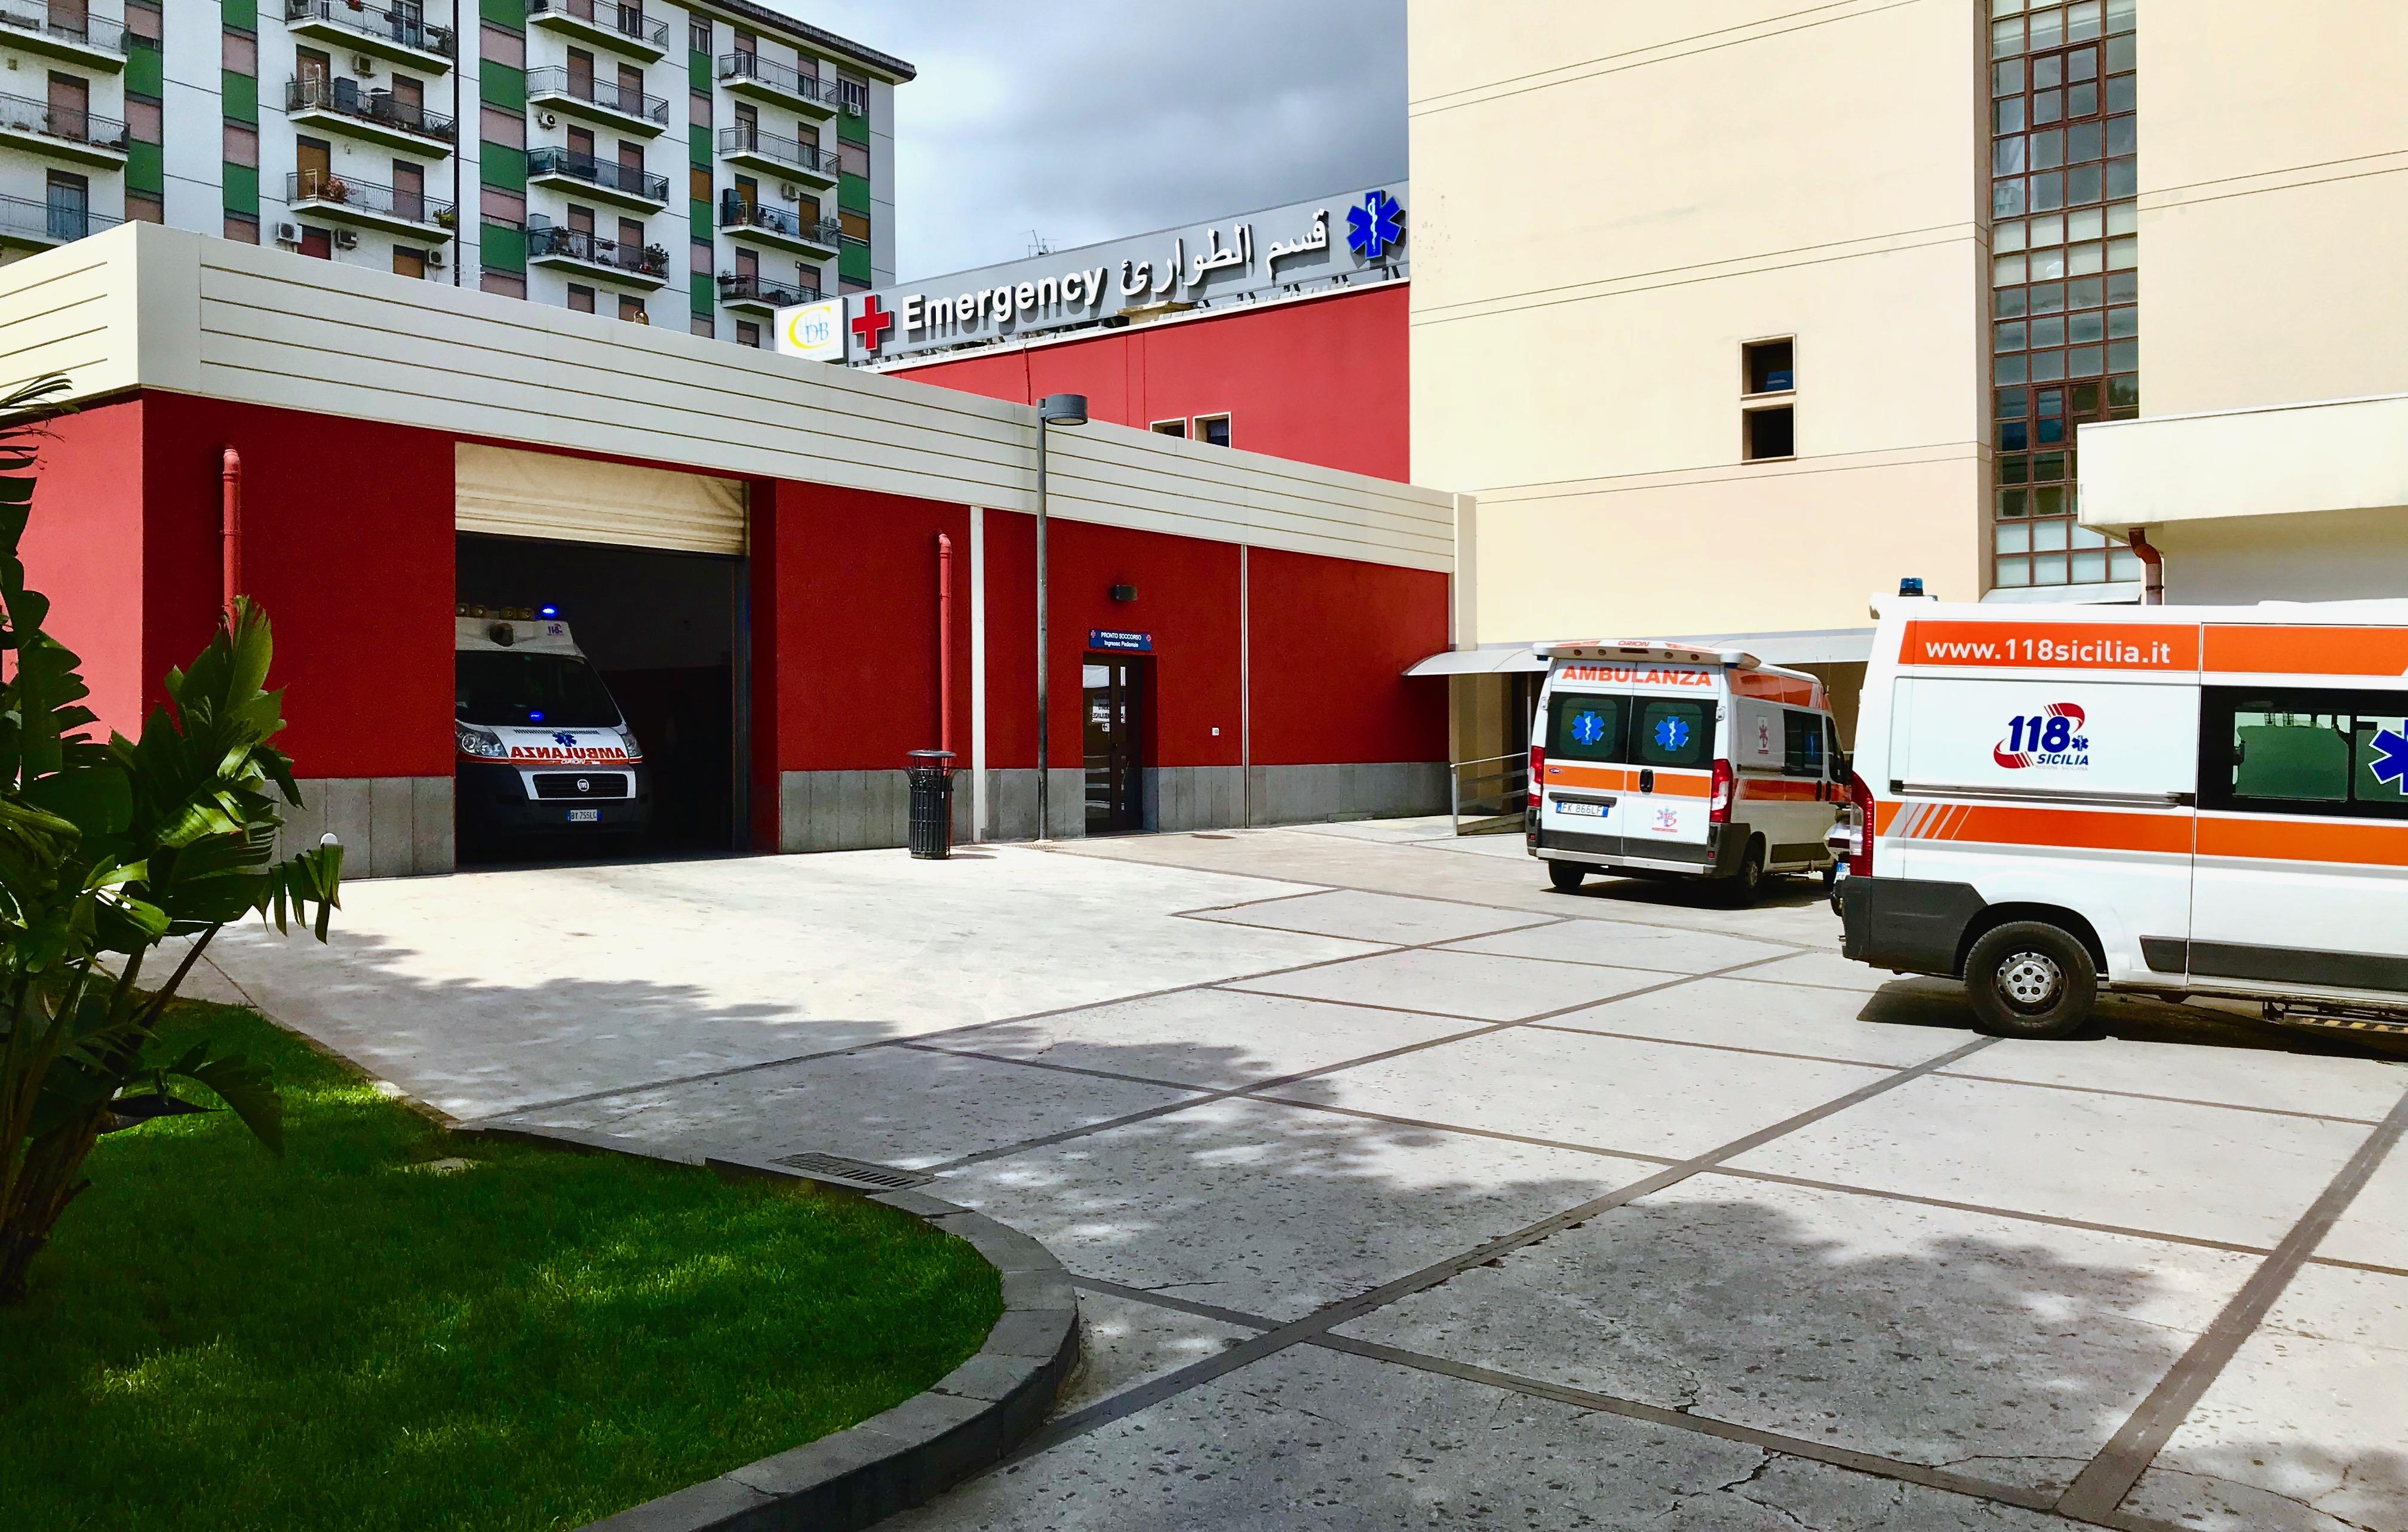 Preso a pugni durante una lite: muore al Civico di Palermo